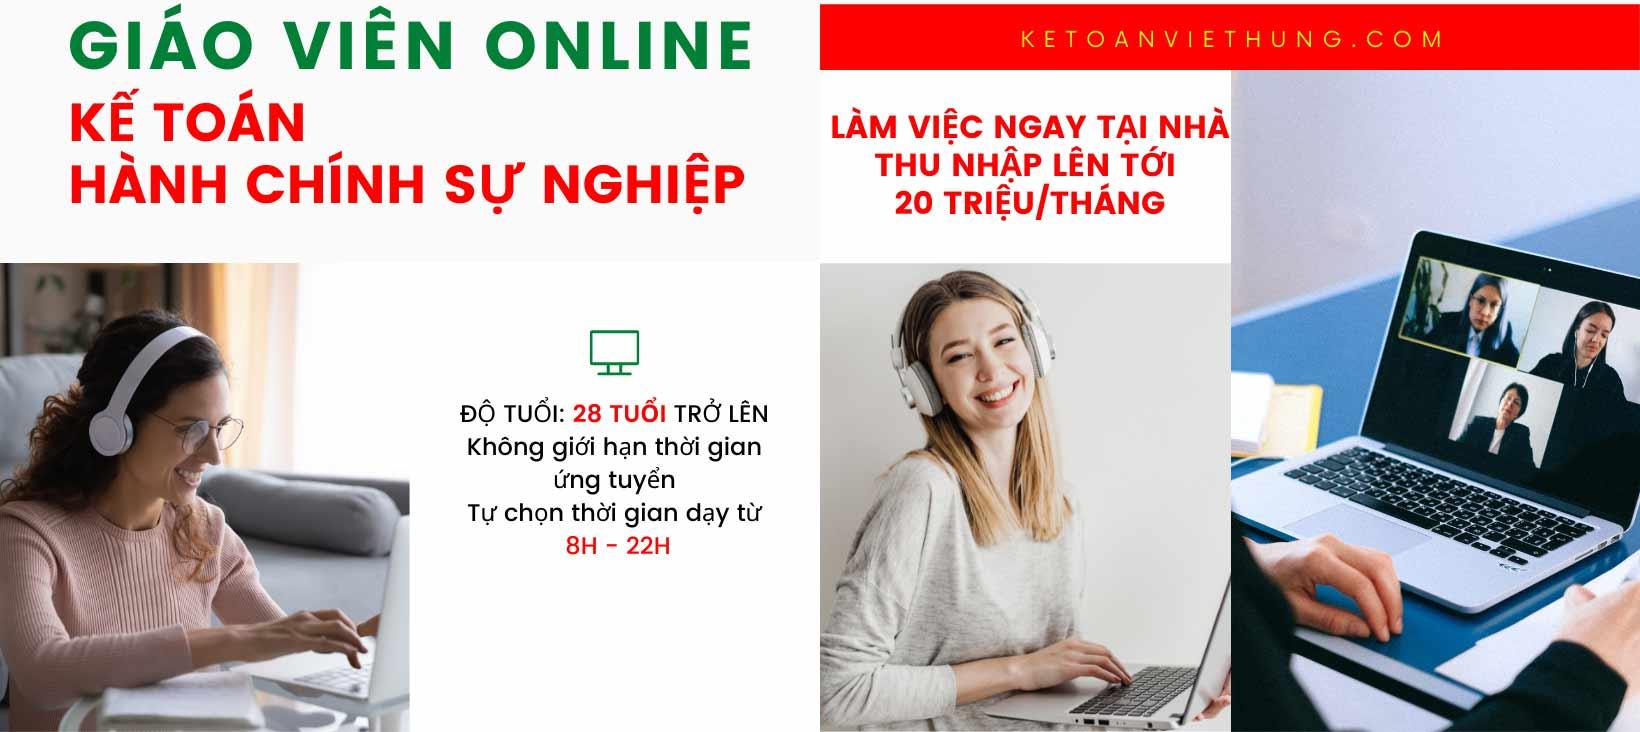 tuyển dụng giáo viên online